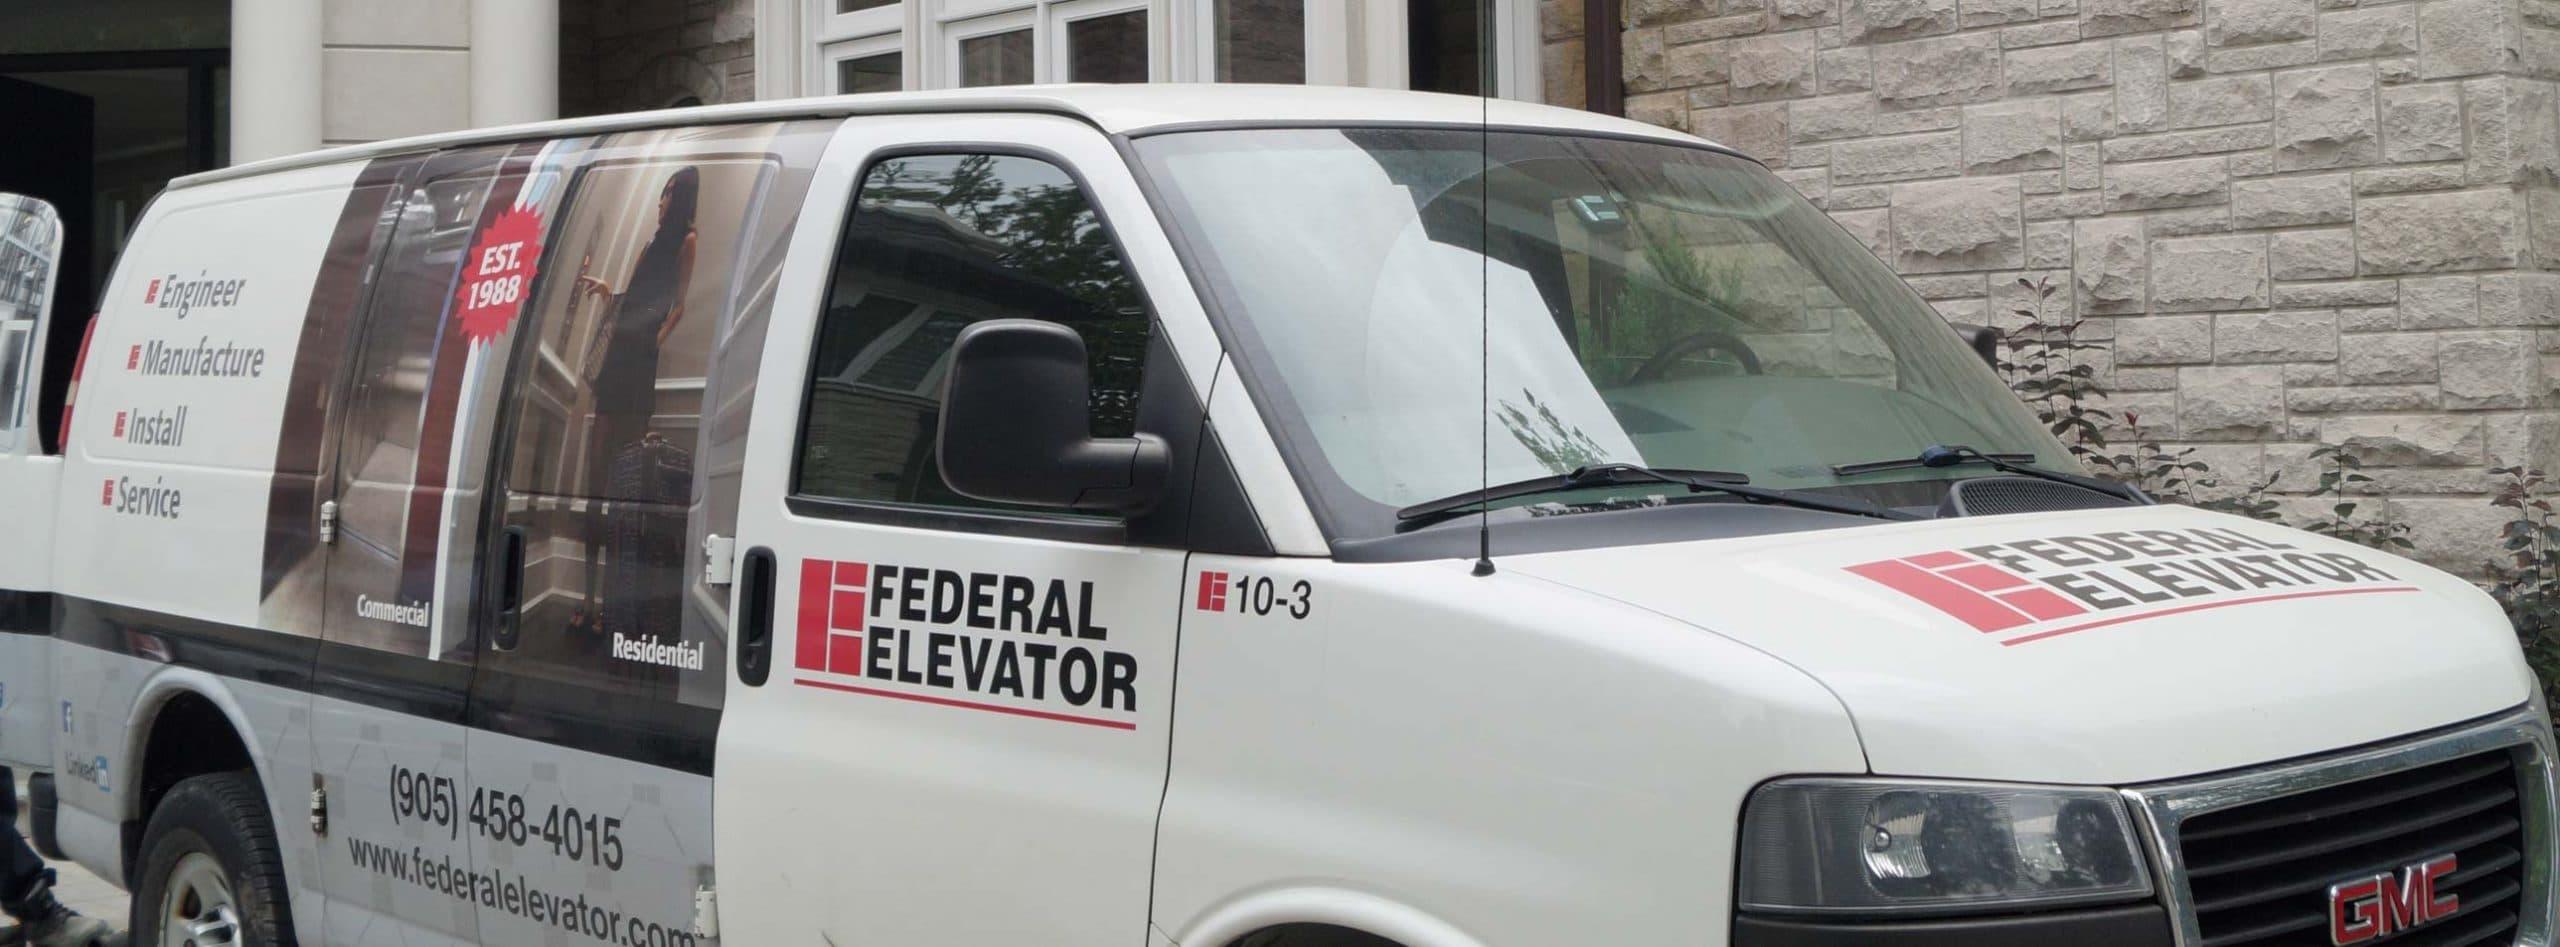 Dealers | Become a Dealer | Federal Elevator